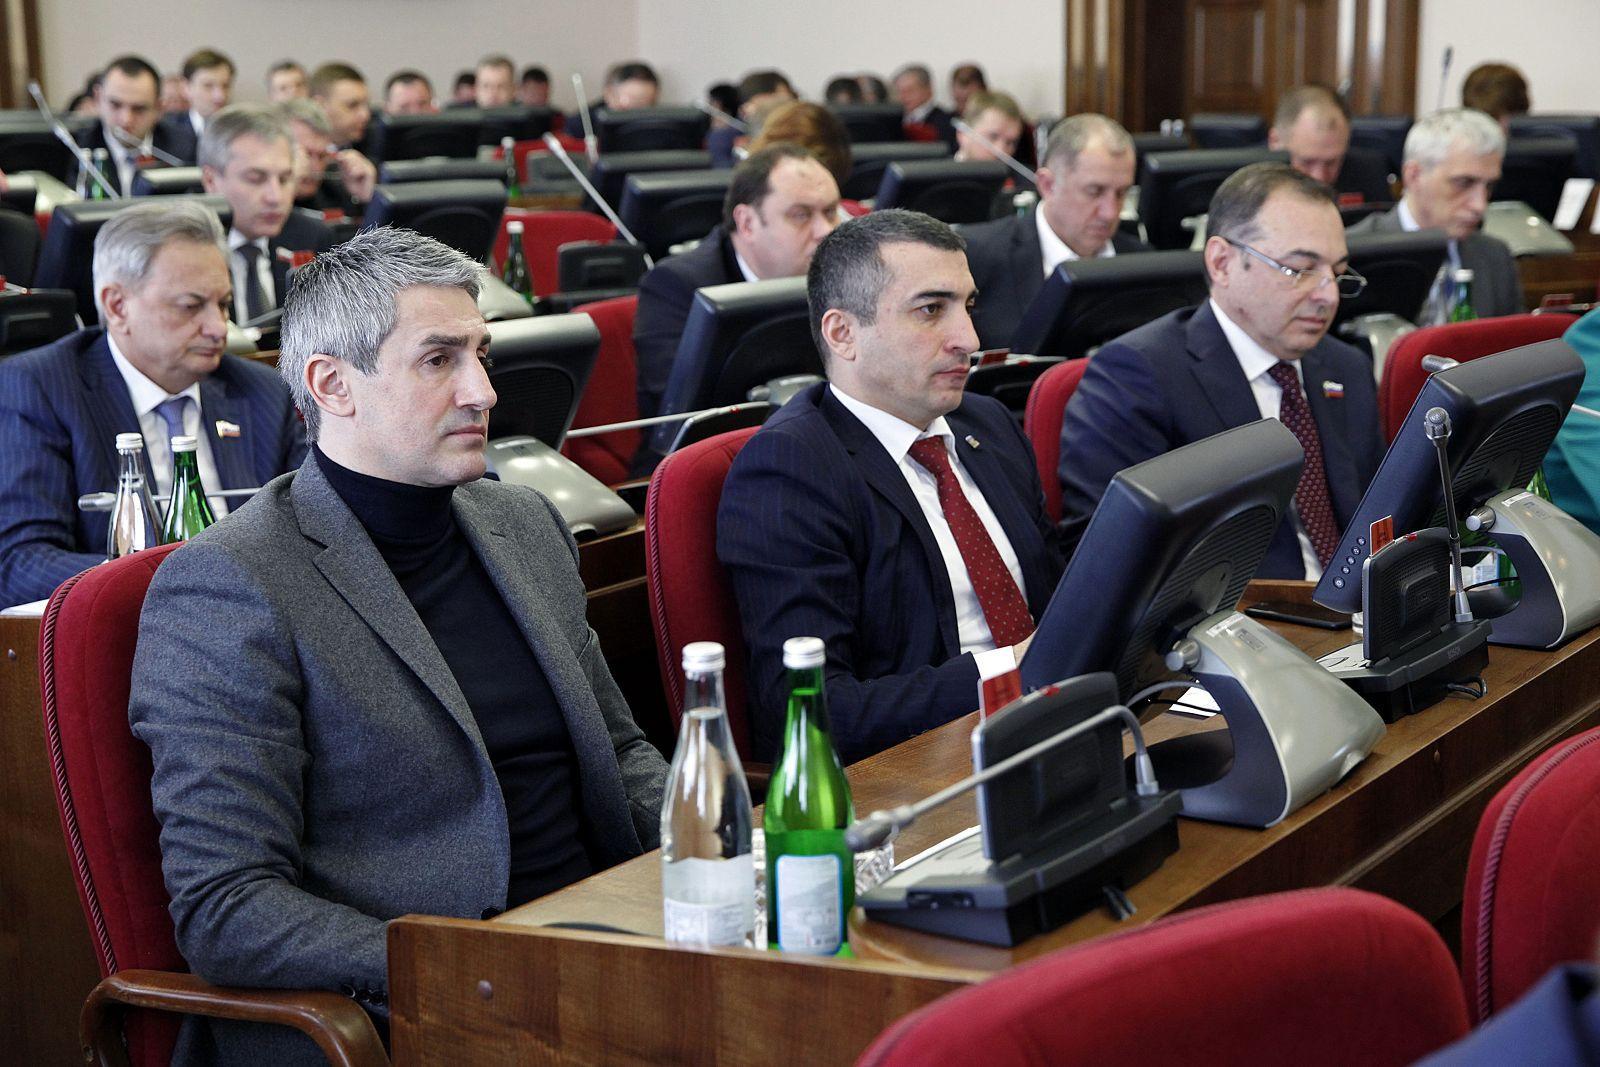 Руководство Ставрополья намерено засчёт доходов бюджета увеличить расходы социалки